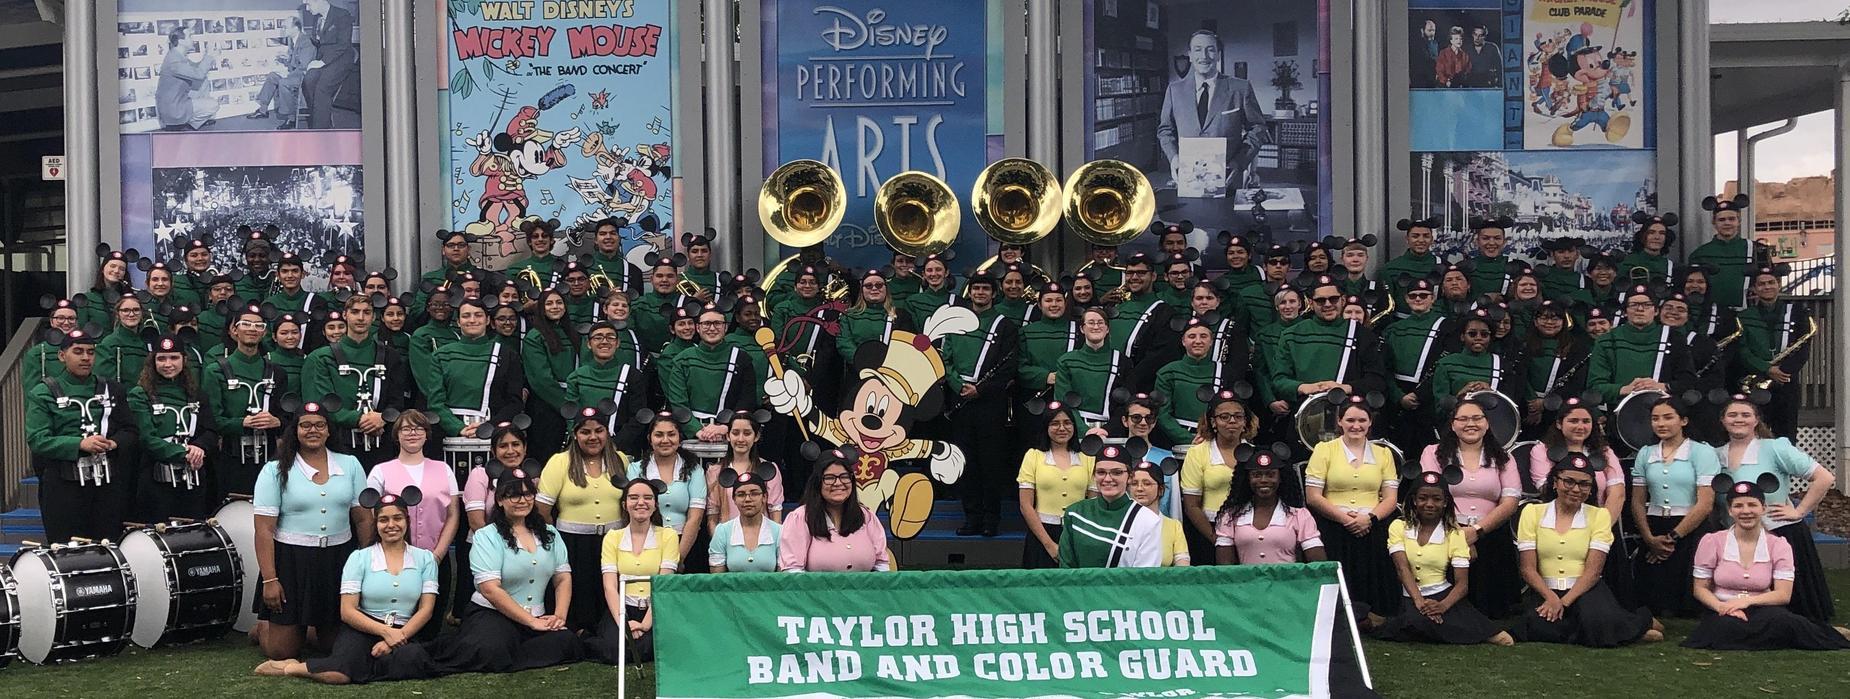 THS band at Disney